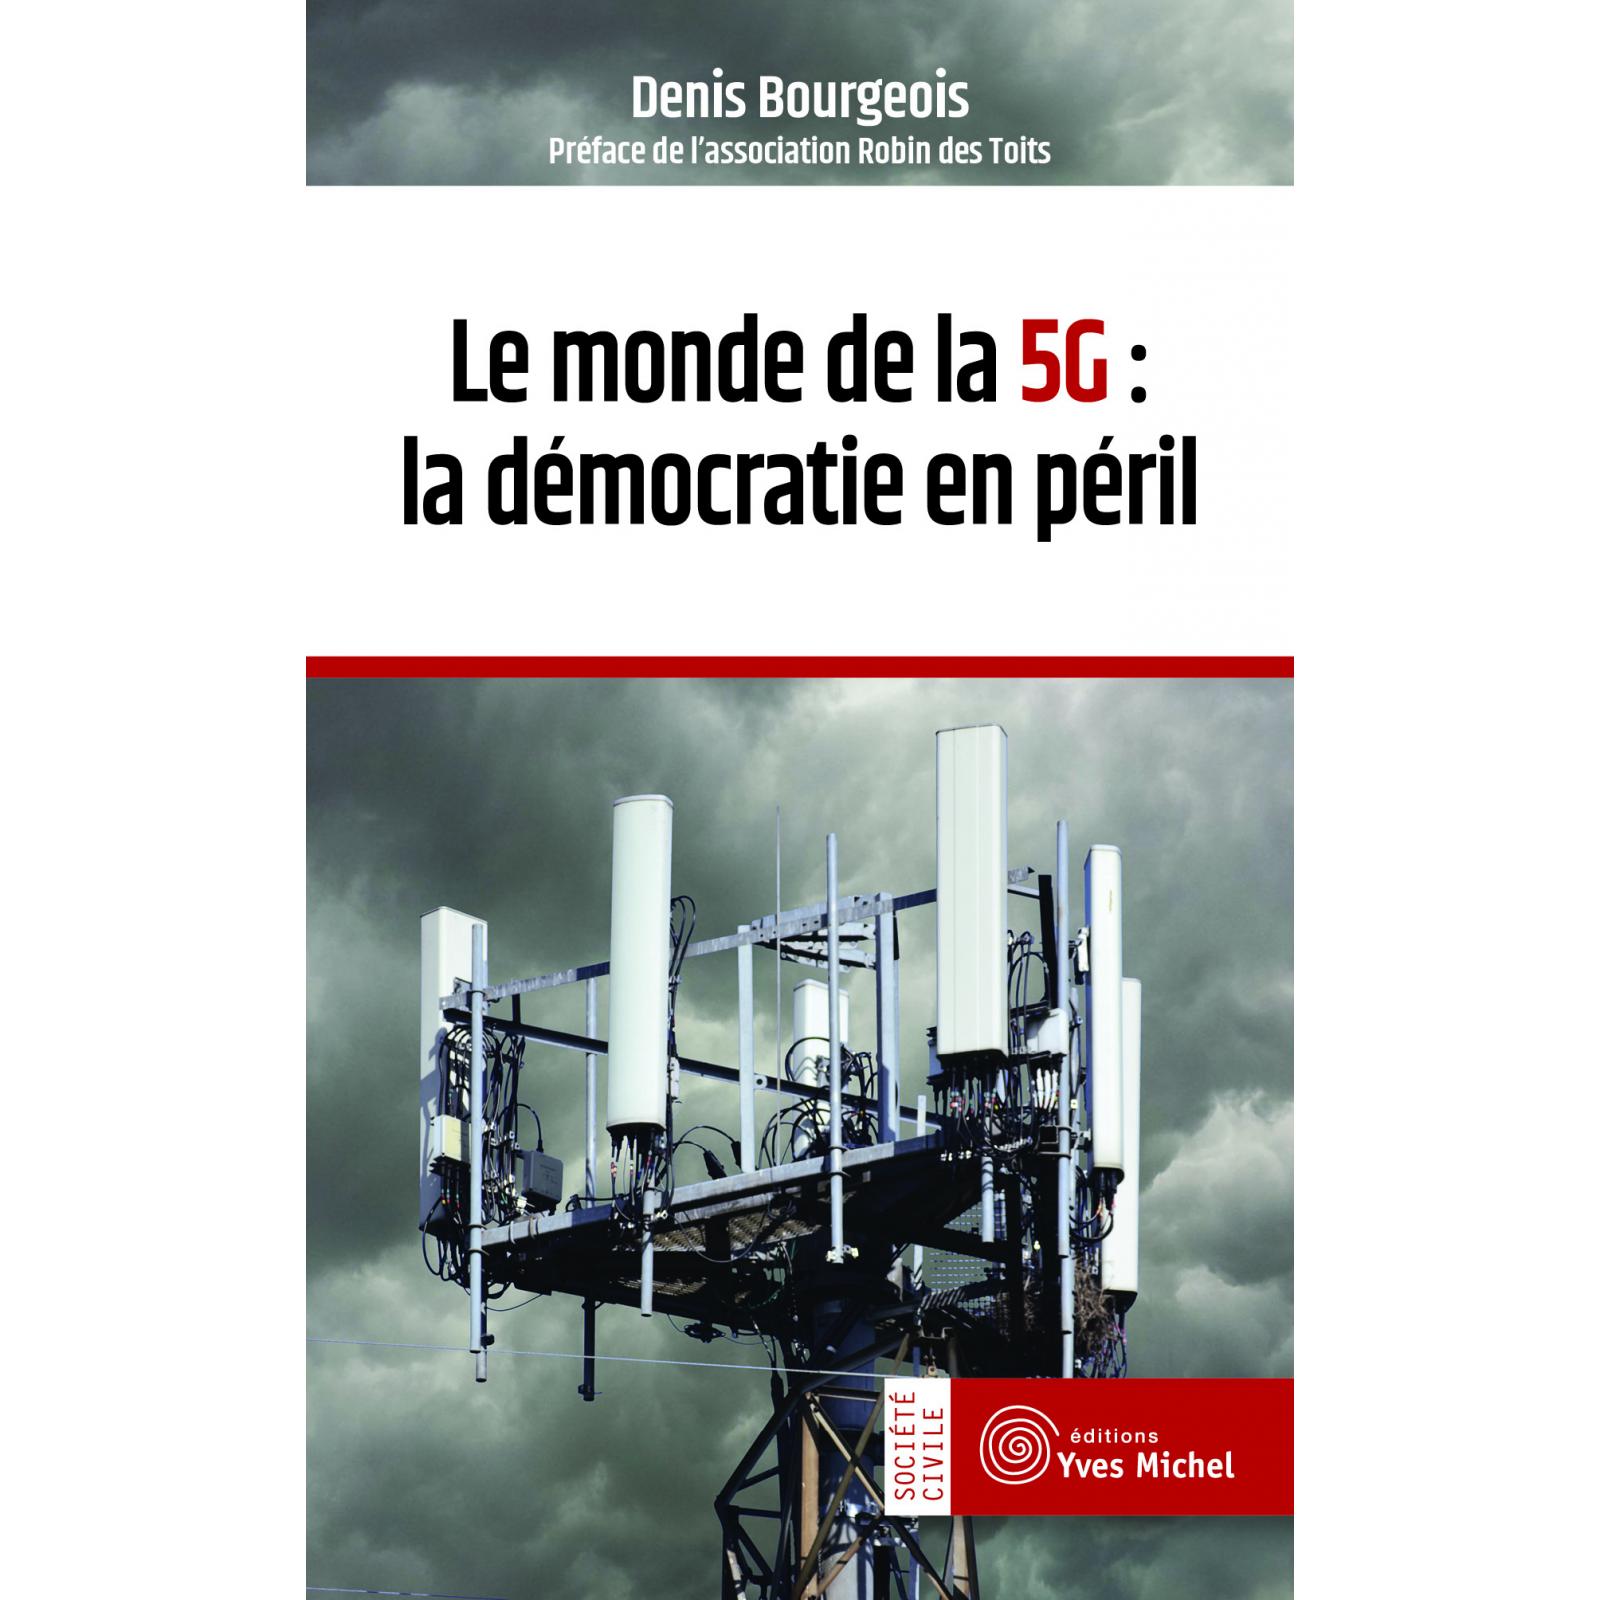 Le monde de la 5G : la démocratie en péril